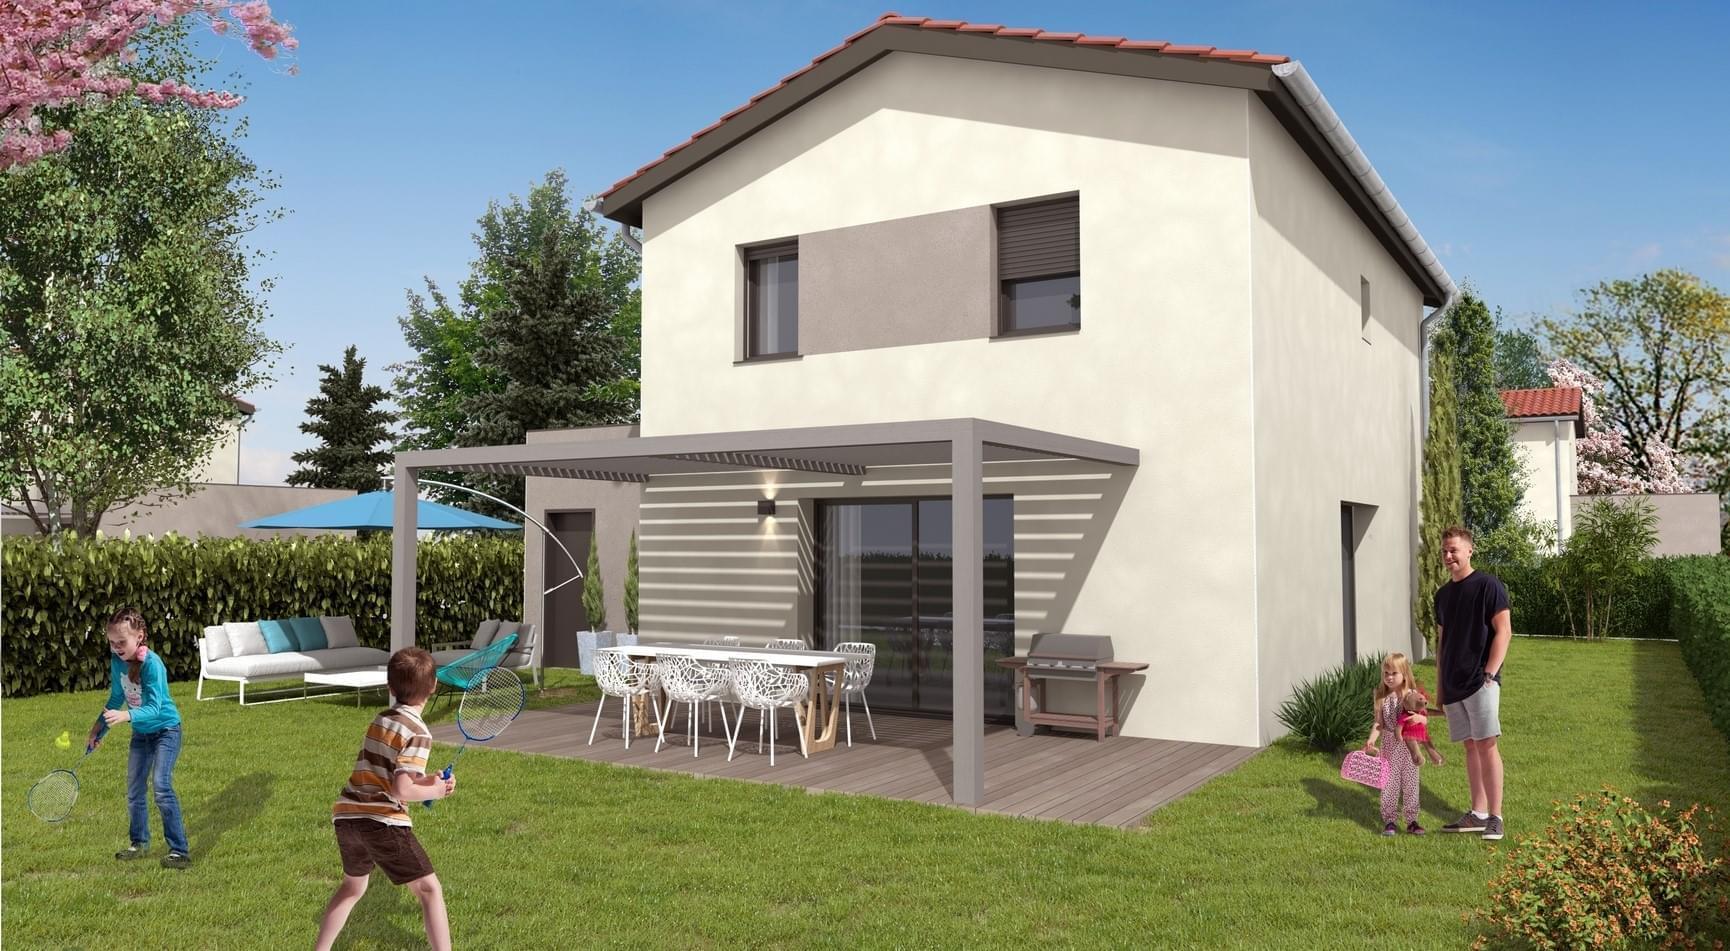 Résidence à Charly Panneaux photovoltaiques en toiture, Seulement à 20 minutes de Lyon, Grand espace de vie, Terrasse et jardin pour chaque lot, ,